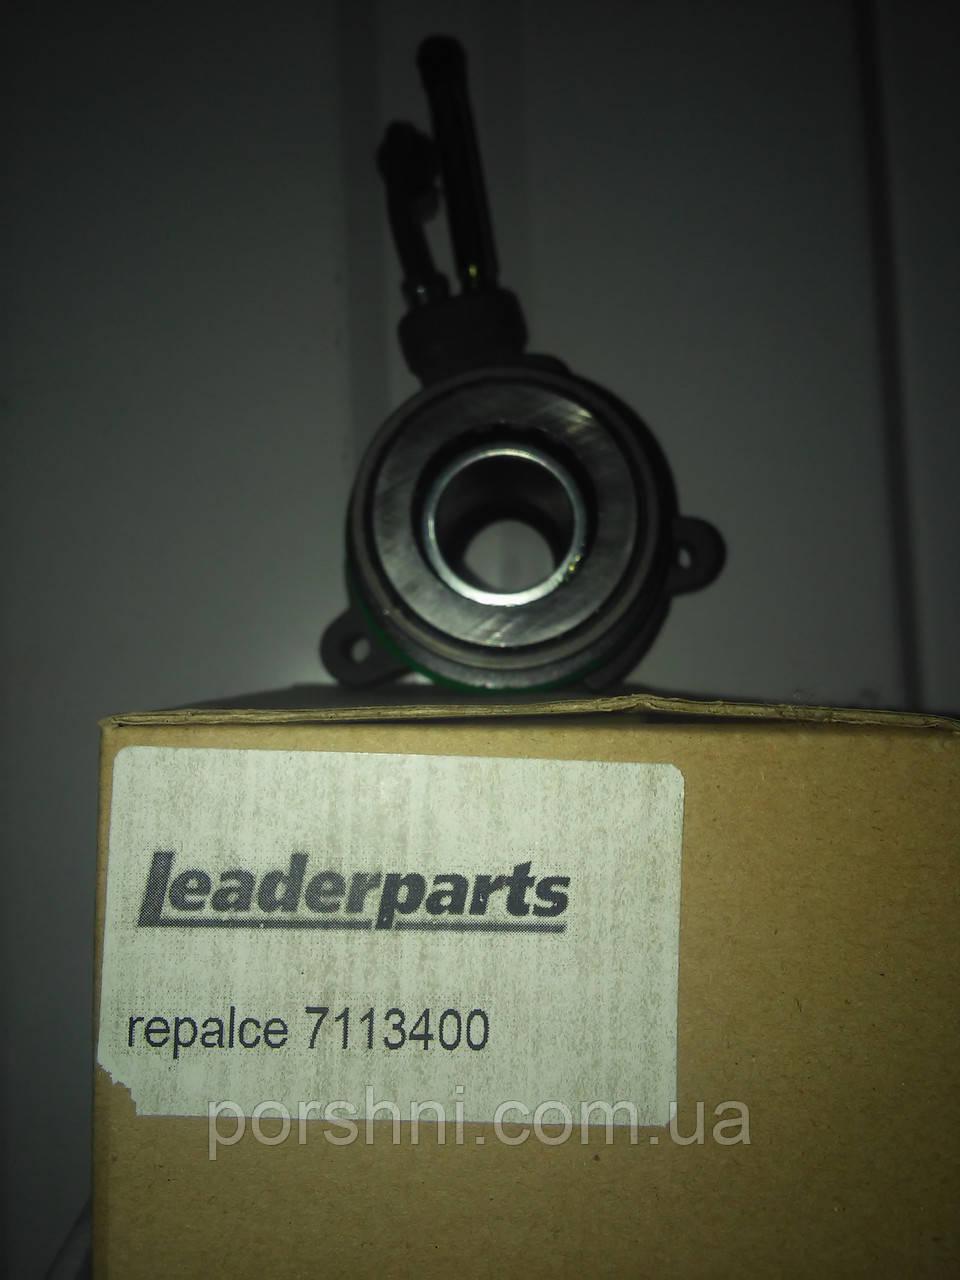 Подшипник включения сцепления Ford  Мondeo 93 >  2001 > гидравл  LEADERPARTS  7113400